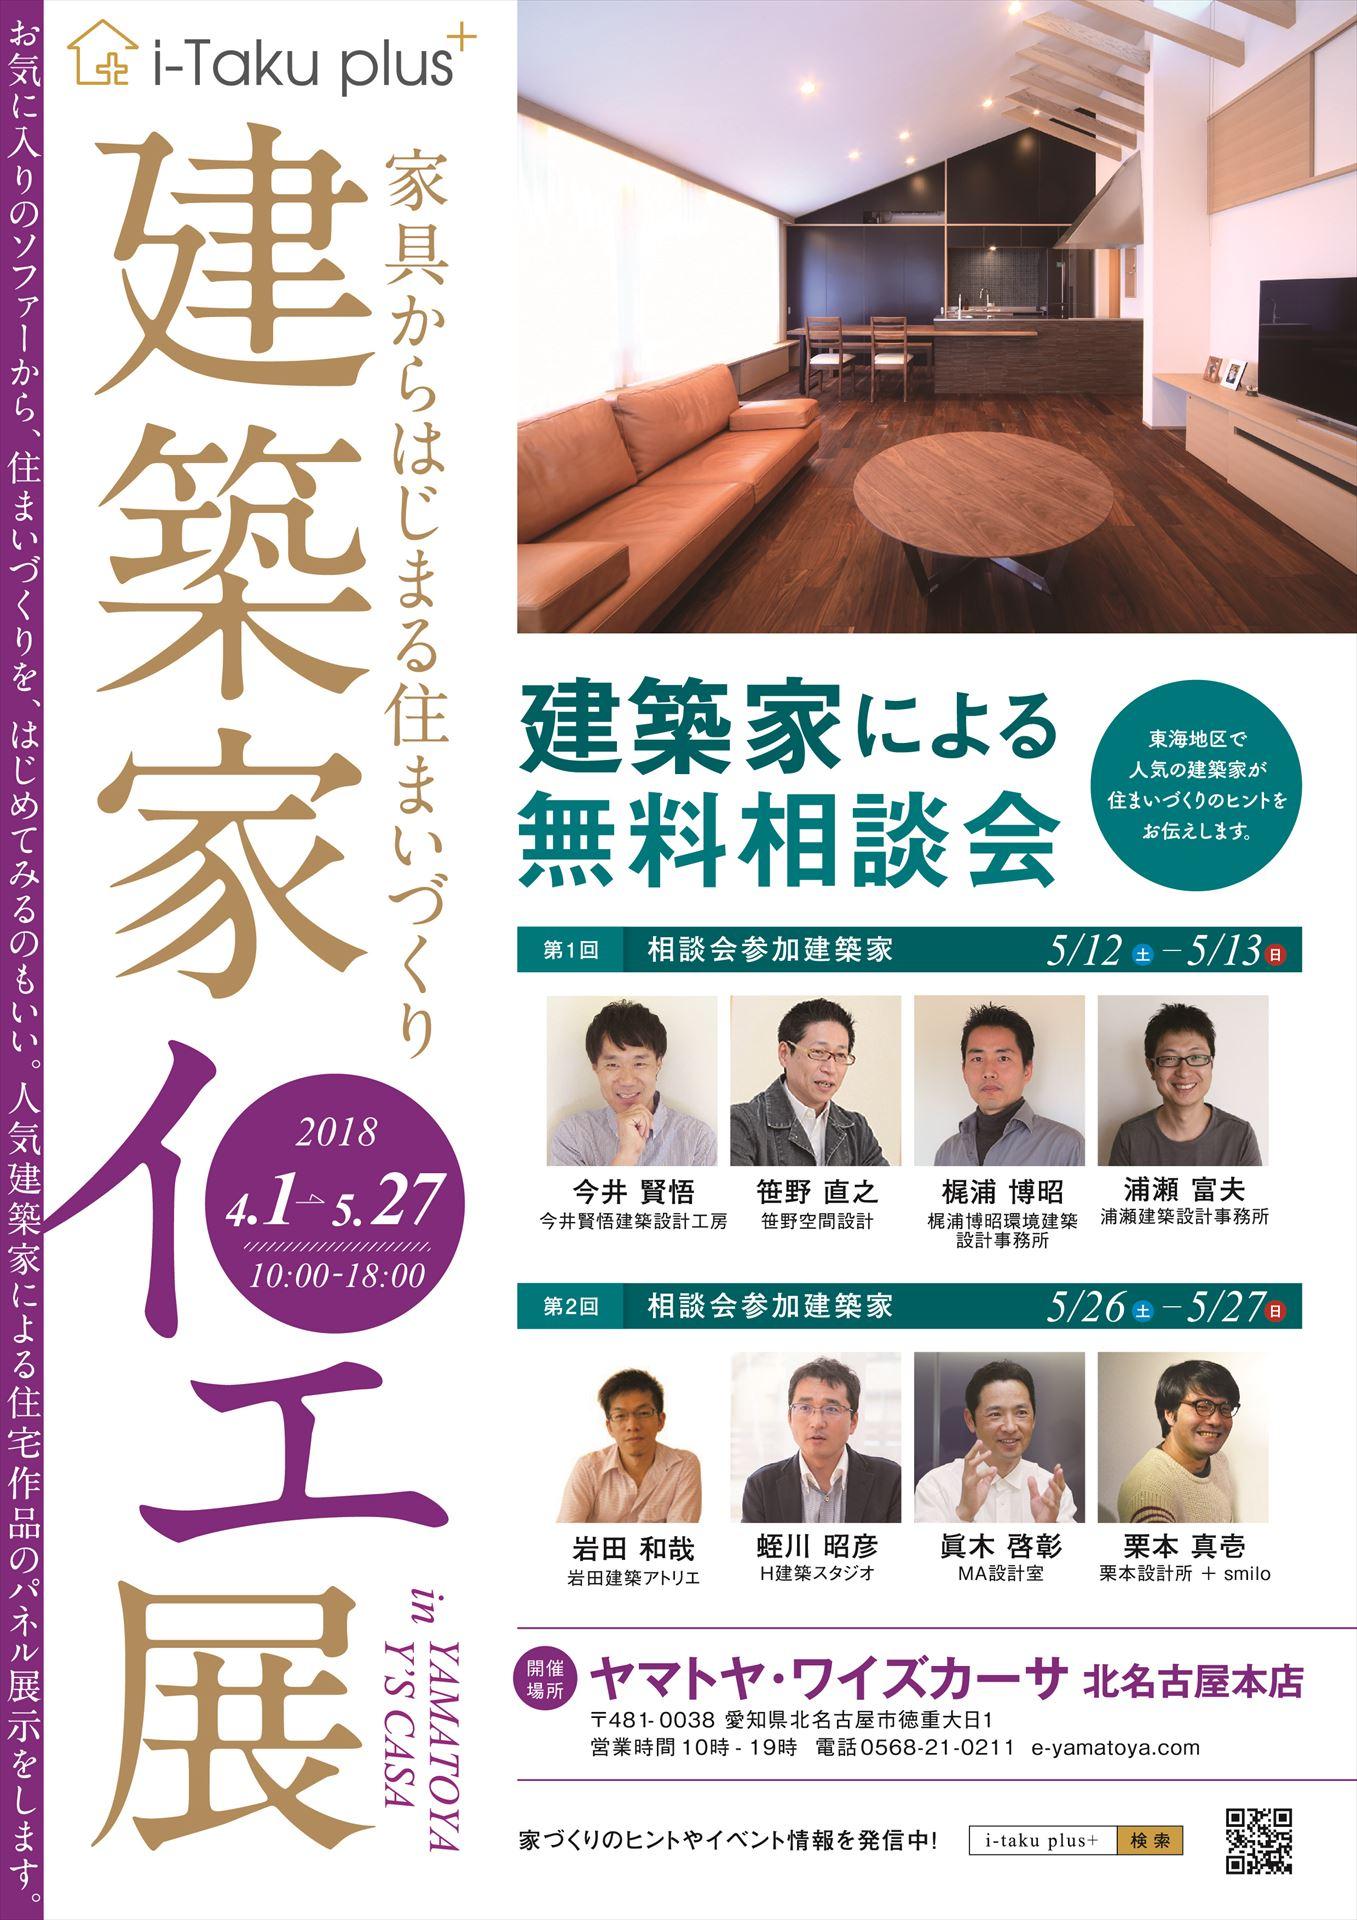 「建築家イエ展inヤマトヤワイズカーサ」イベントに参加させていただきます